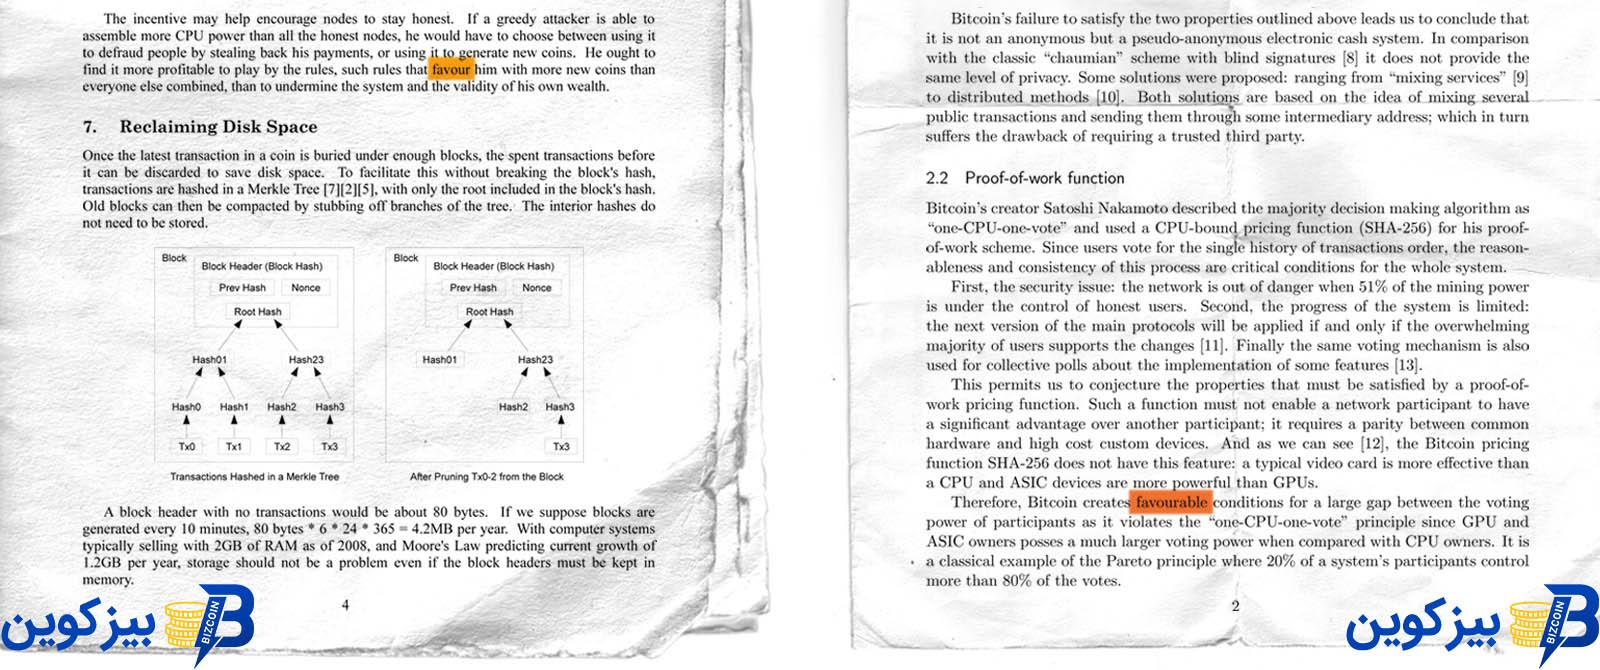 ساتوشی ناکاموتوی مرموز در روند توسعهی رمزارز مونرو نقش داشته است. آیا ساتوشی ناکاموتوی مرموز در روند توسعه ارز دیجیتال مونرو نقش داشته است؟